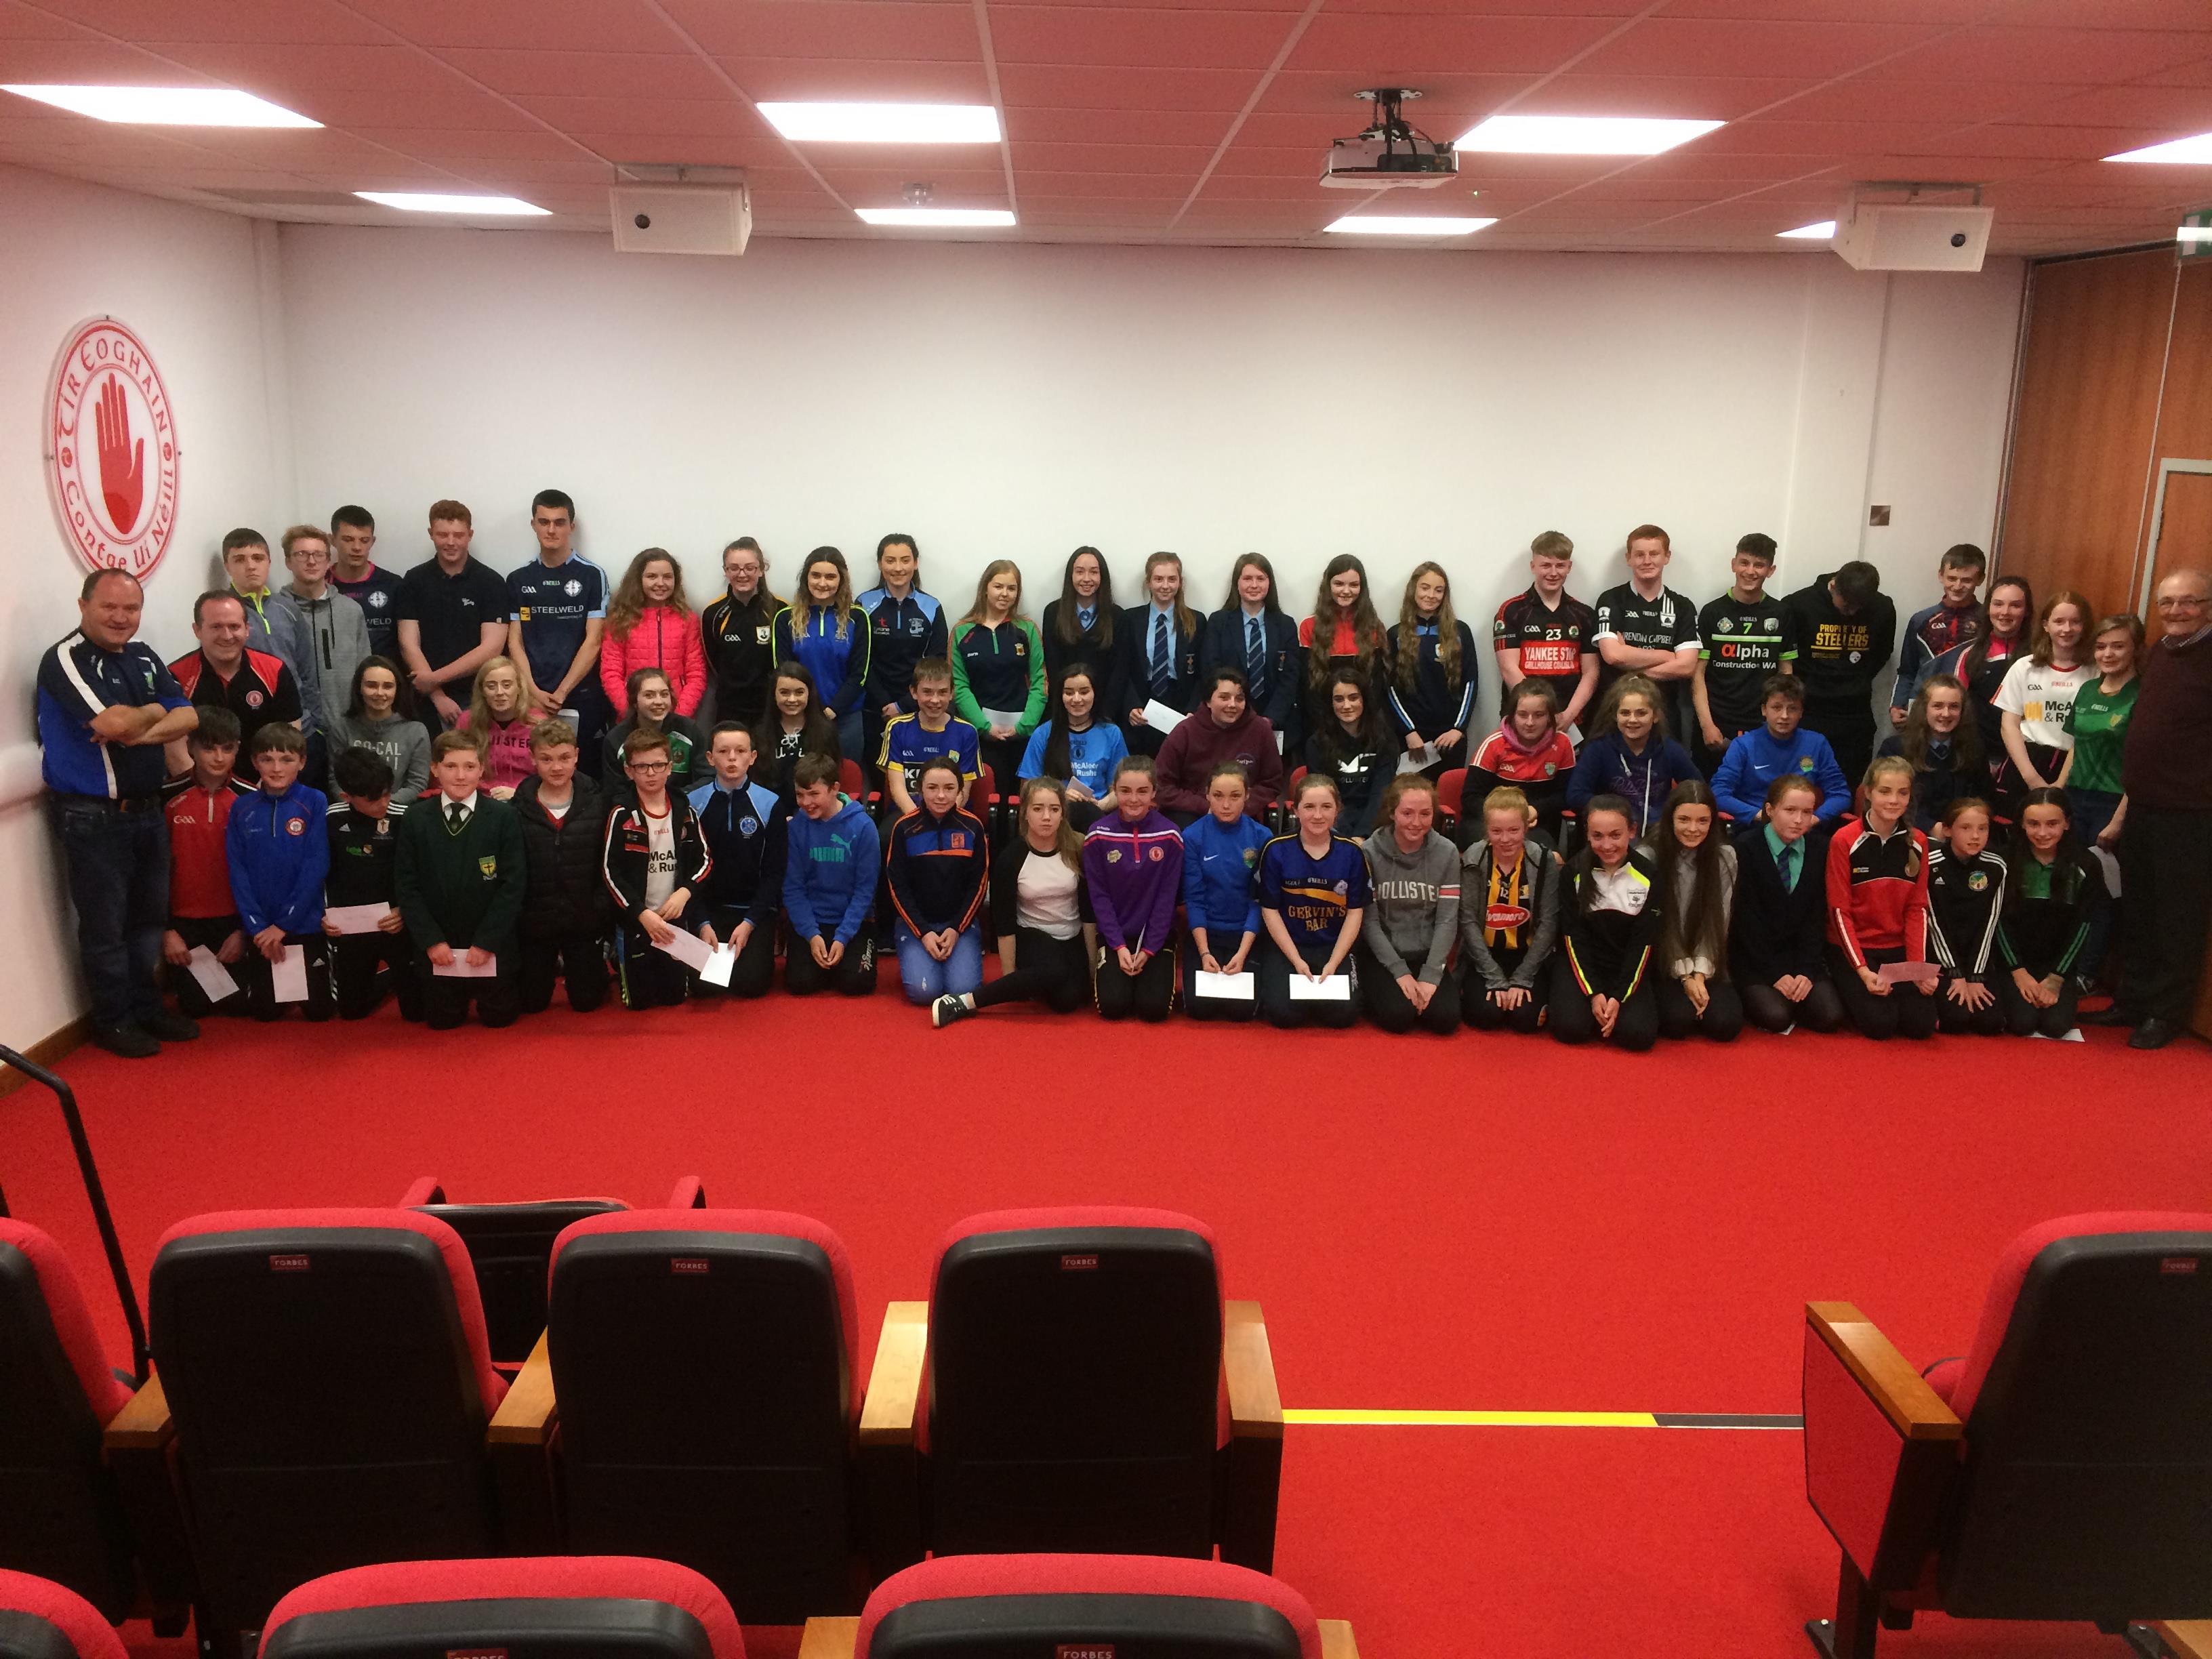 Gaeltacht Scholarships presentation